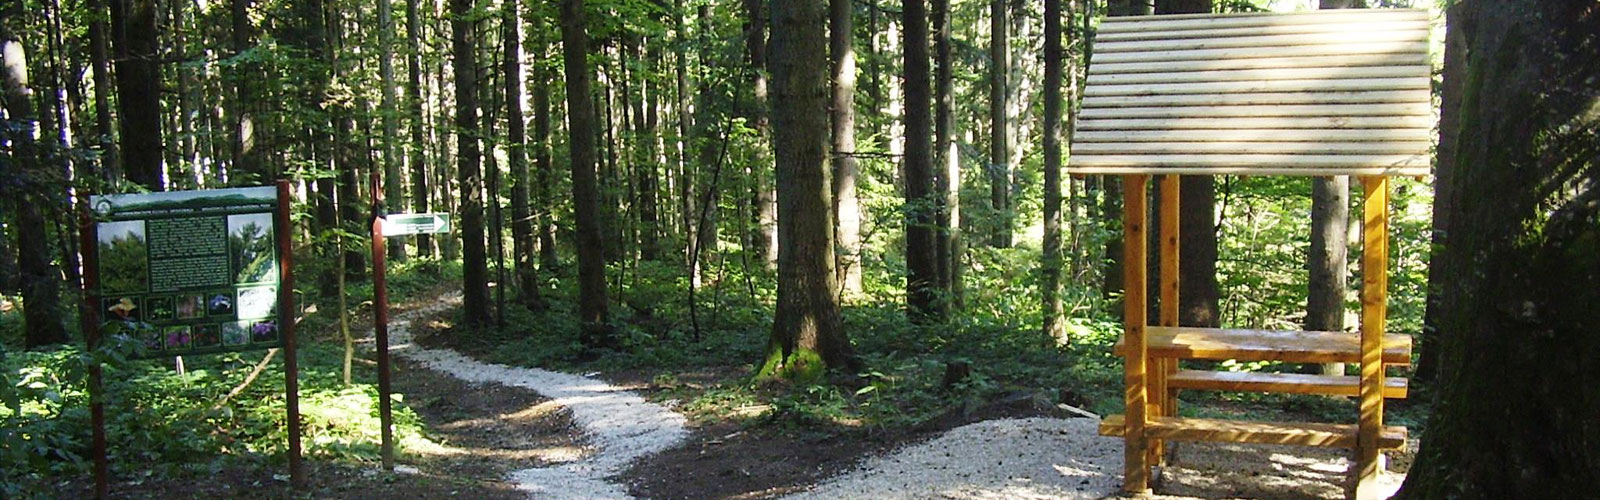 nacionalni-park-kozara-pjesacke-staze-7